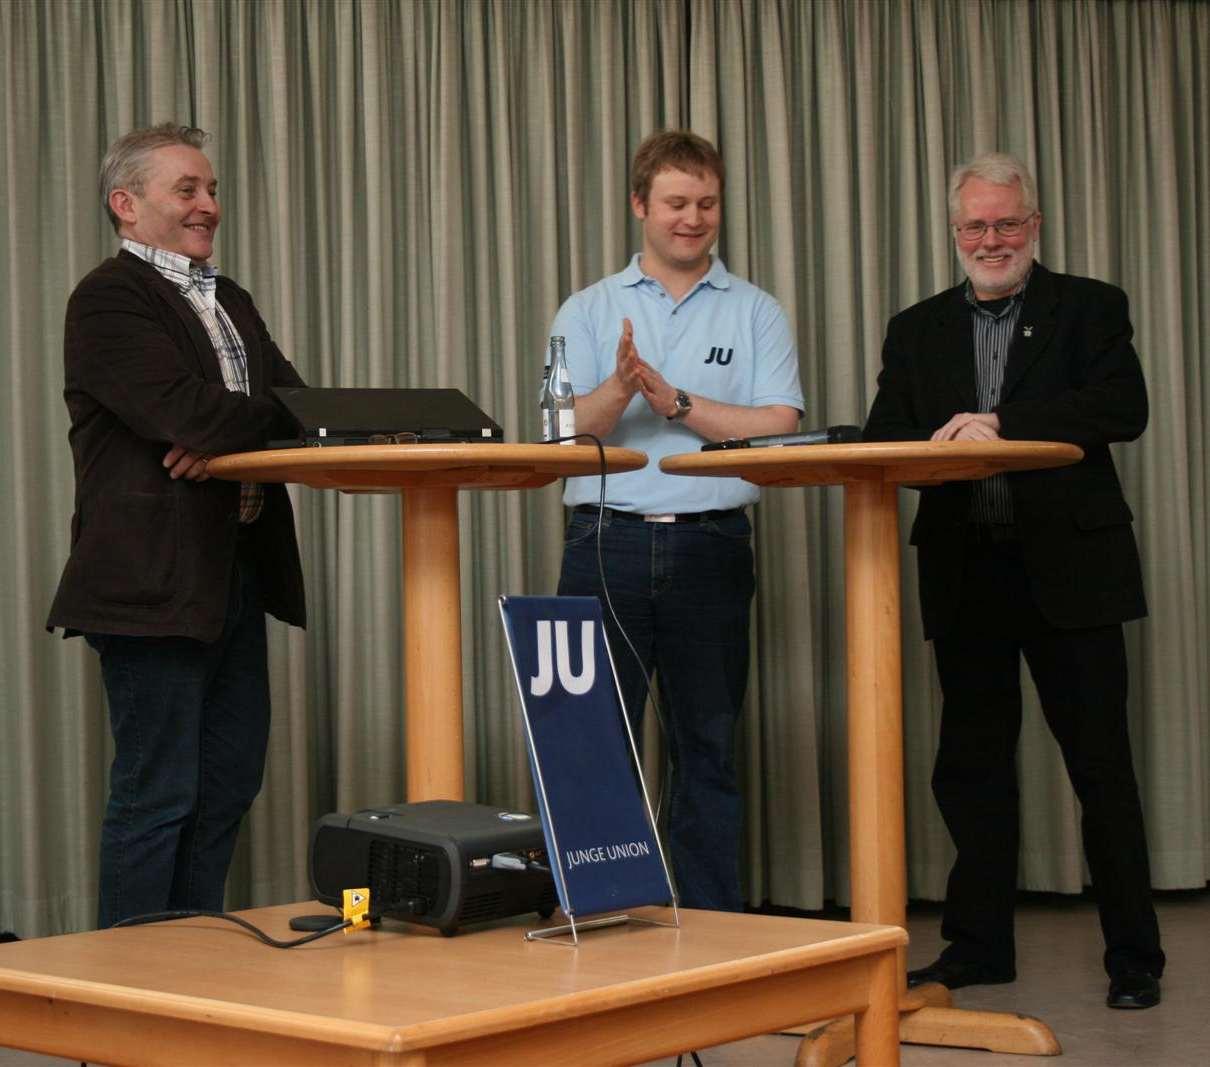 JU-Kreisvorsitzender Henning Vieker in Diskussionsrunde mit den Landtagskandidaten Karl Erich Schmeding (rechts) und Friedhelm Ortgies (links).